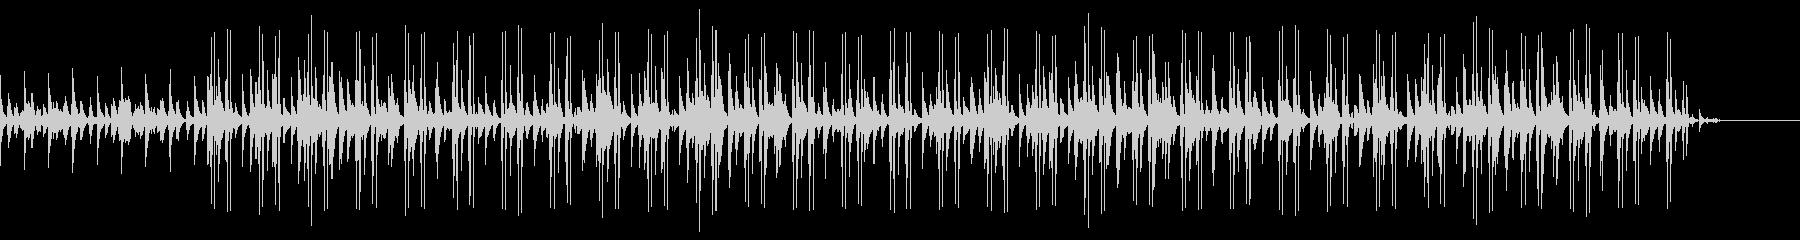 幻想的な琴・打弦楽器のアンサンブルの未再生の波形